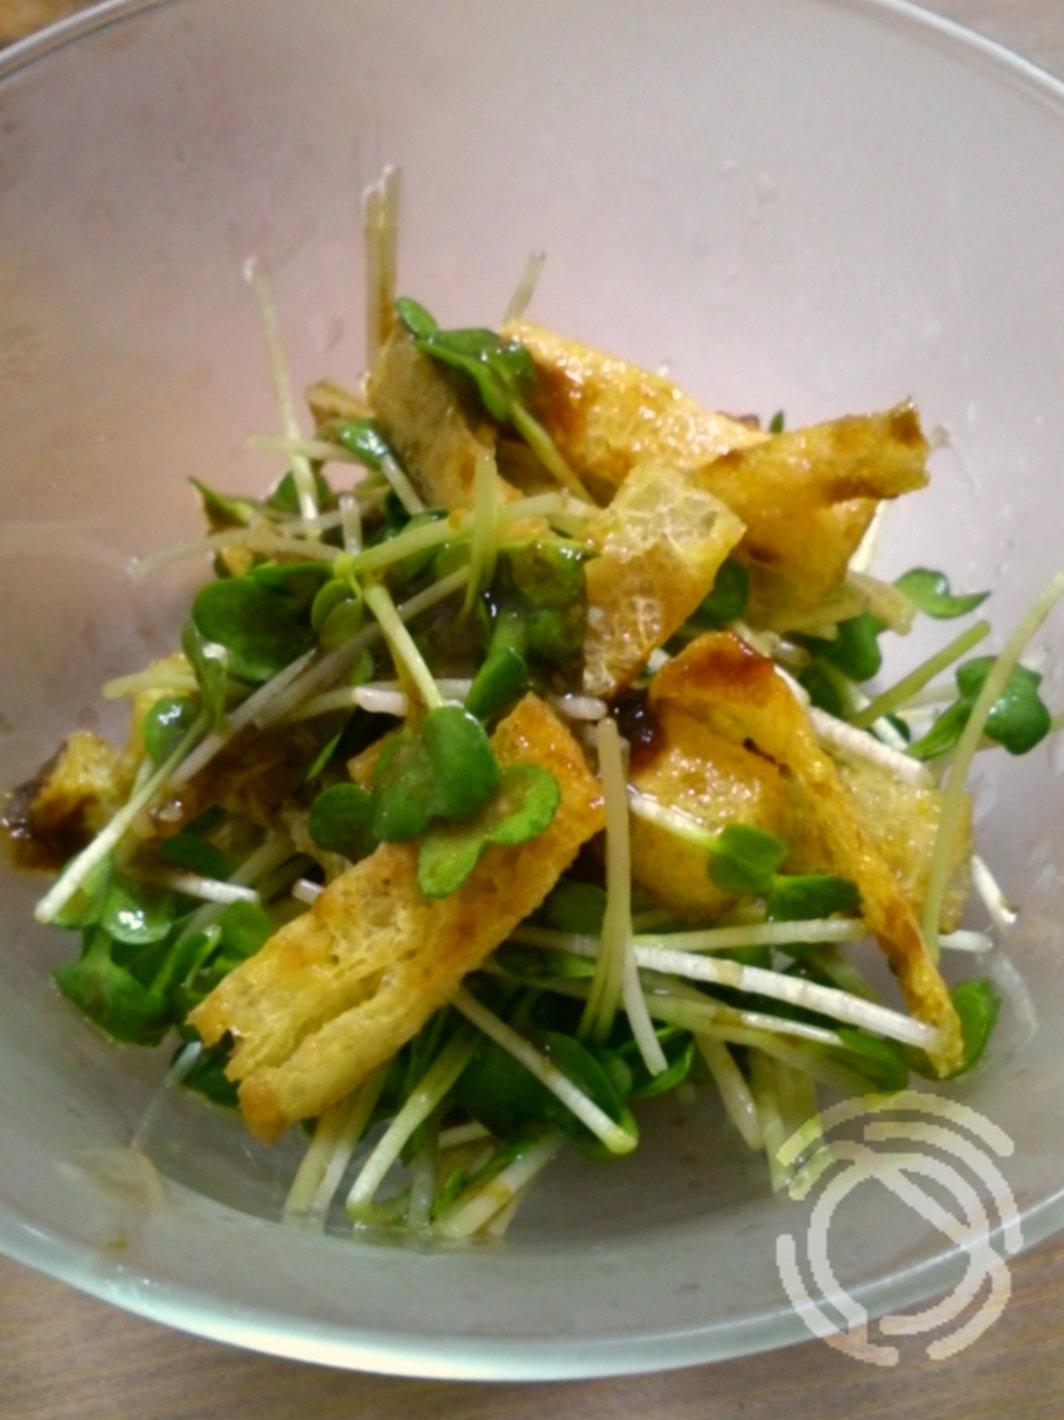 カイワレと油揚げの塩麹サラダ